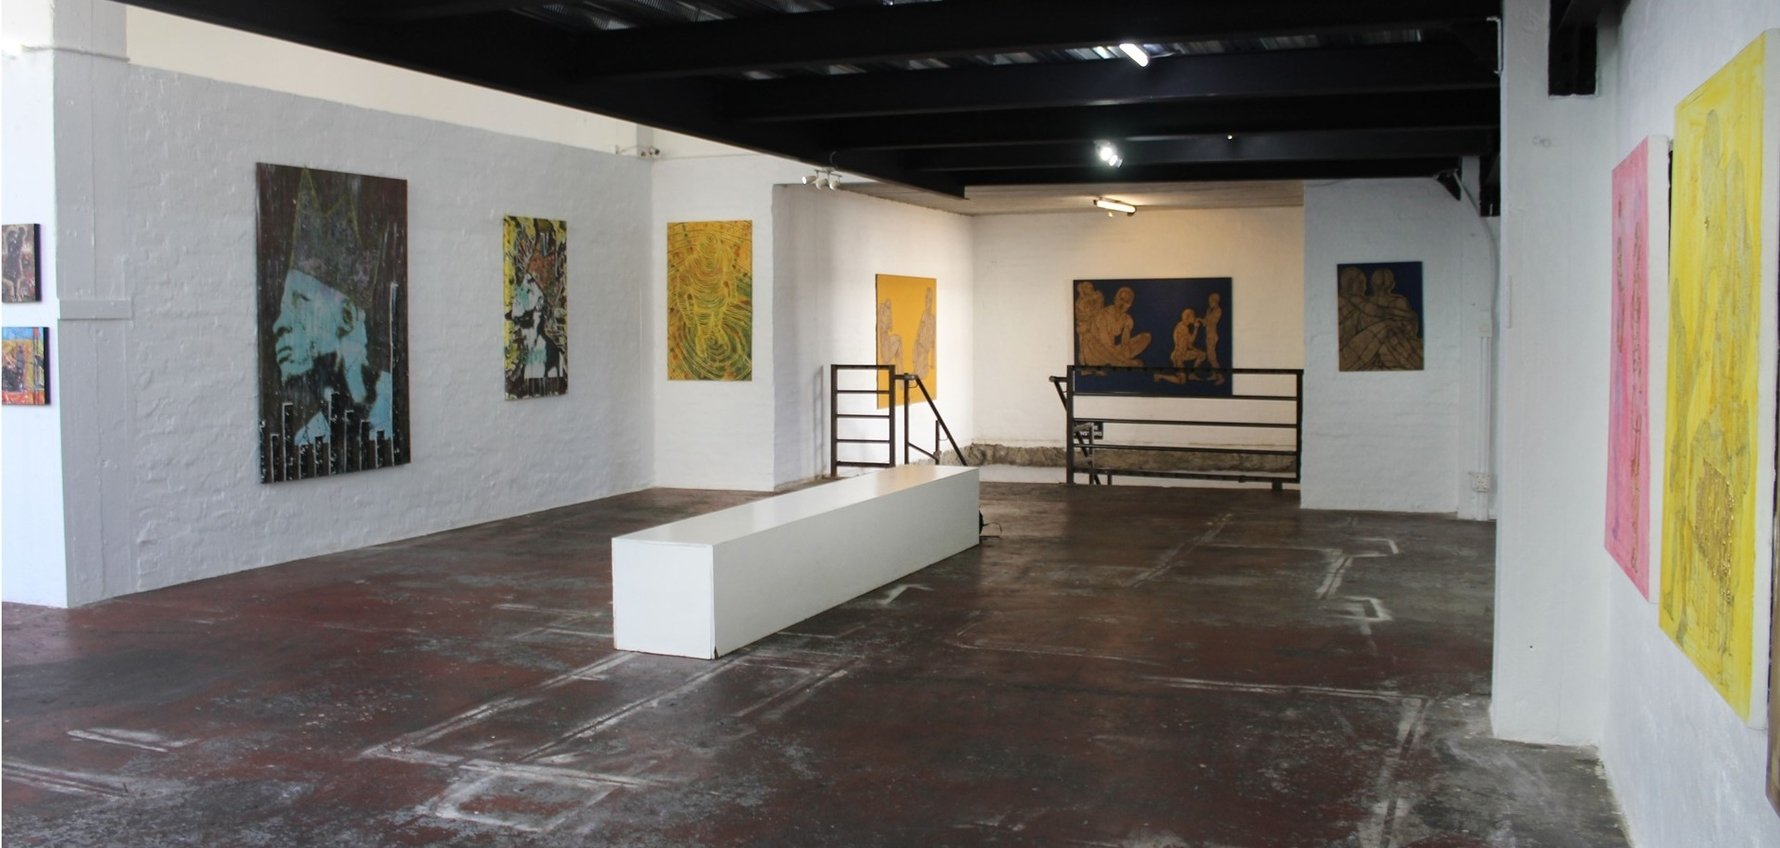 Gallery Fanon in Maboneng